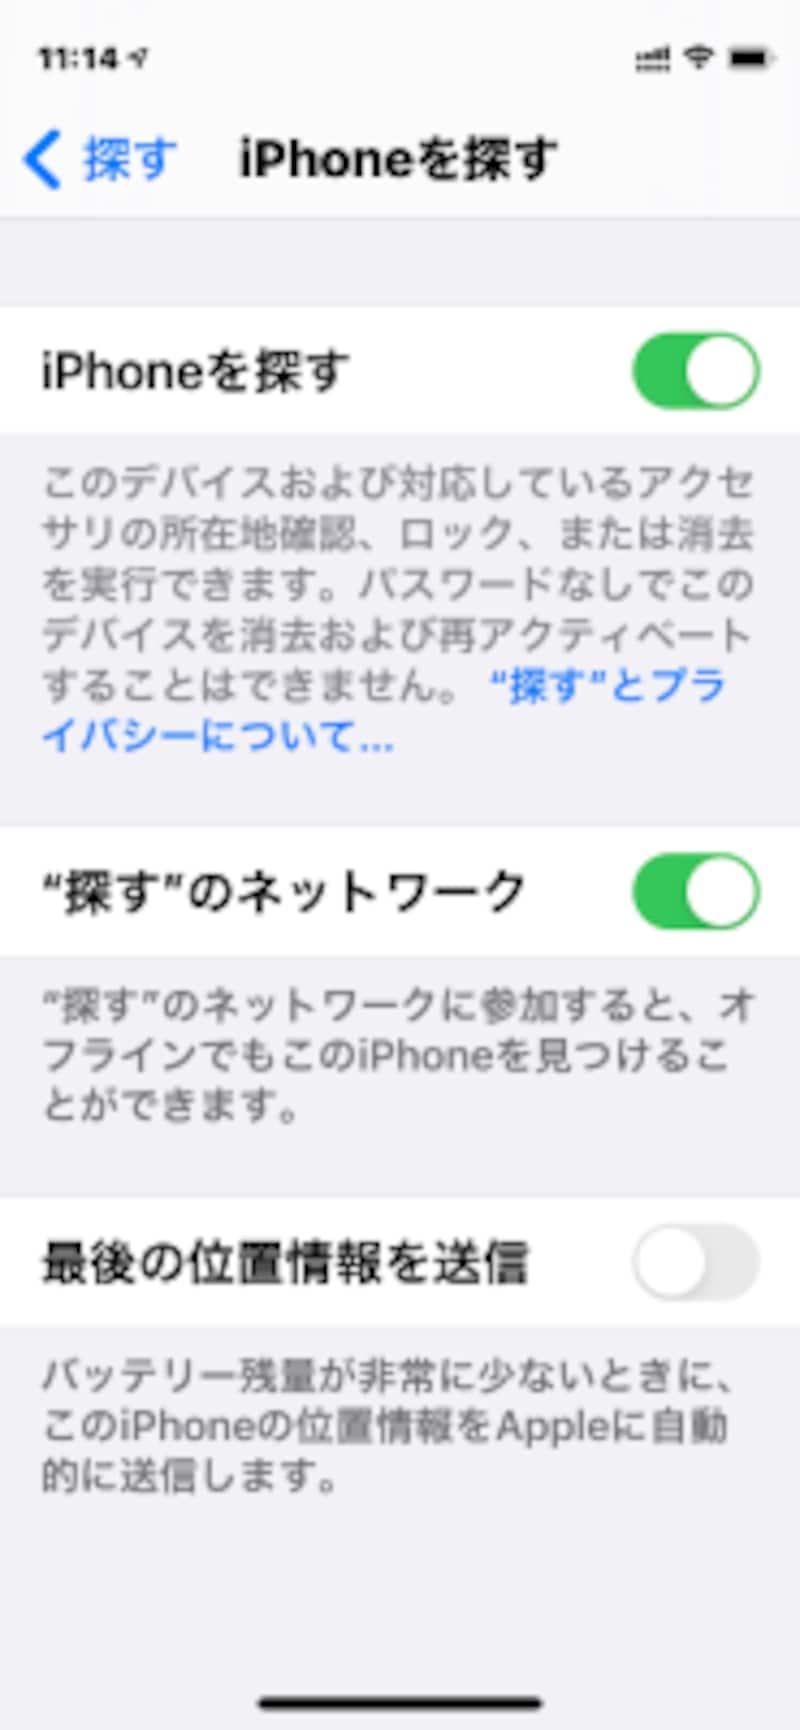 「iPhoneを探す」を「オン」